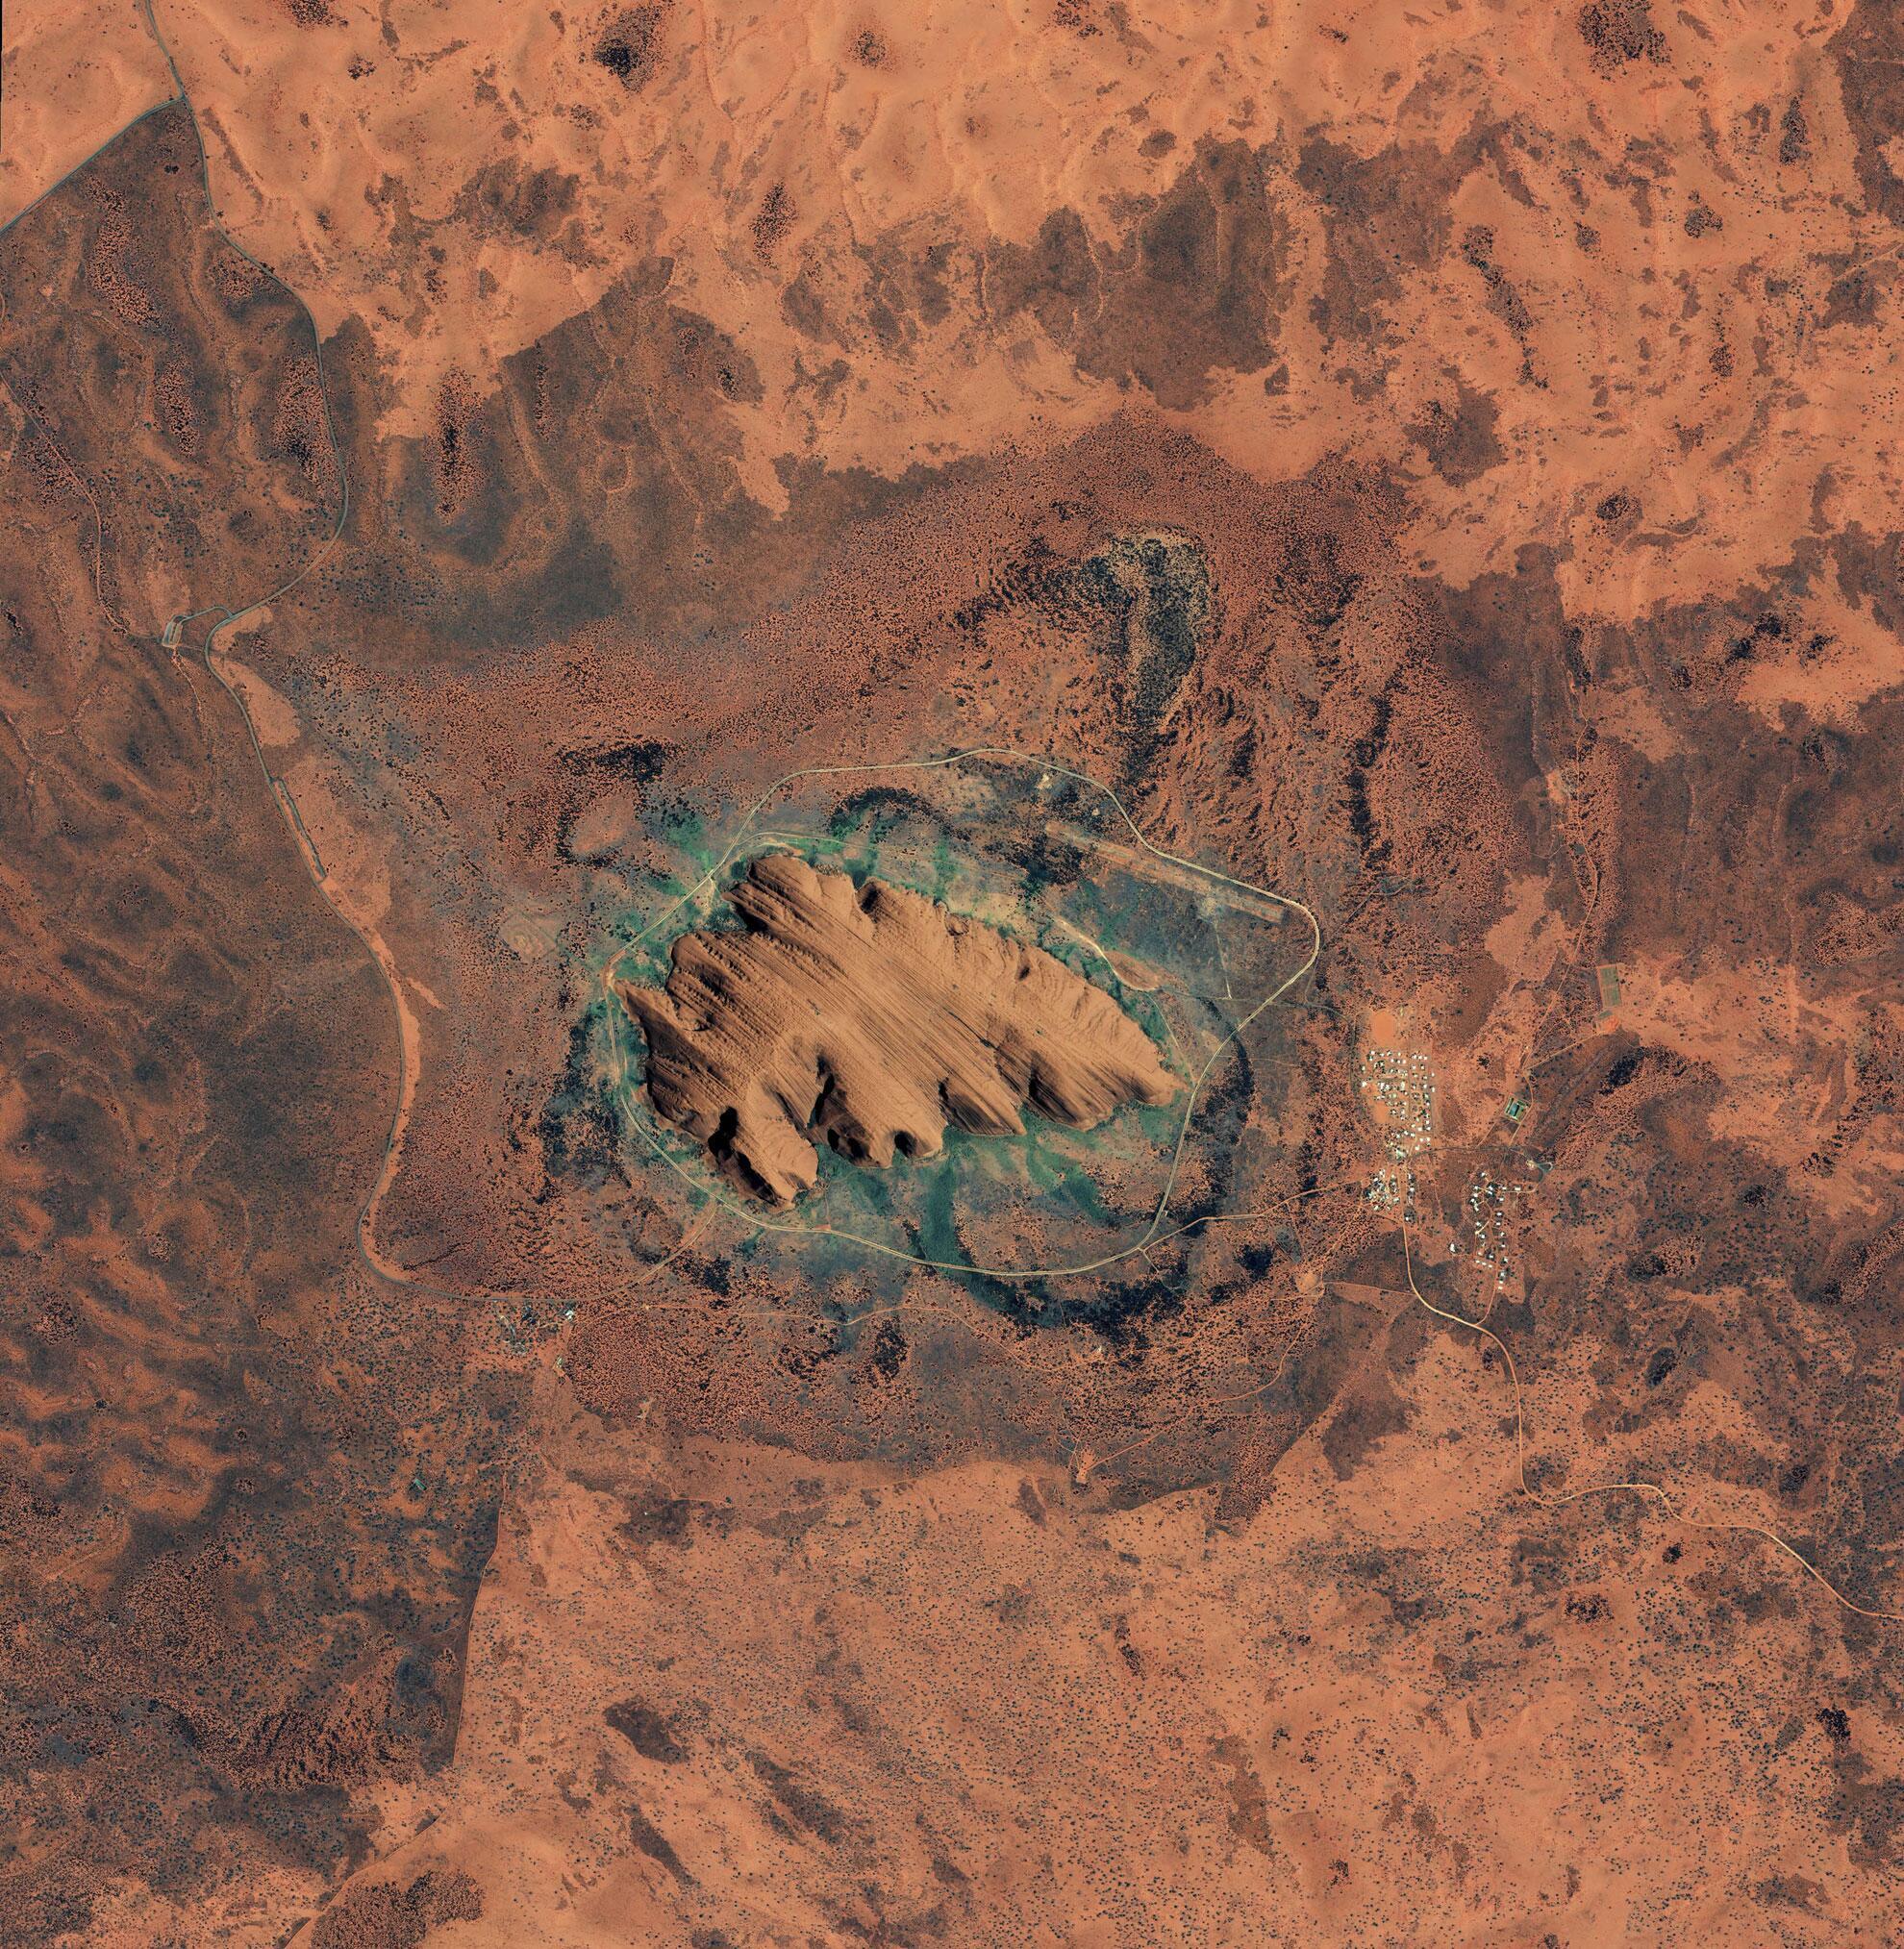 Bild zu Uluru, Ayers Rock